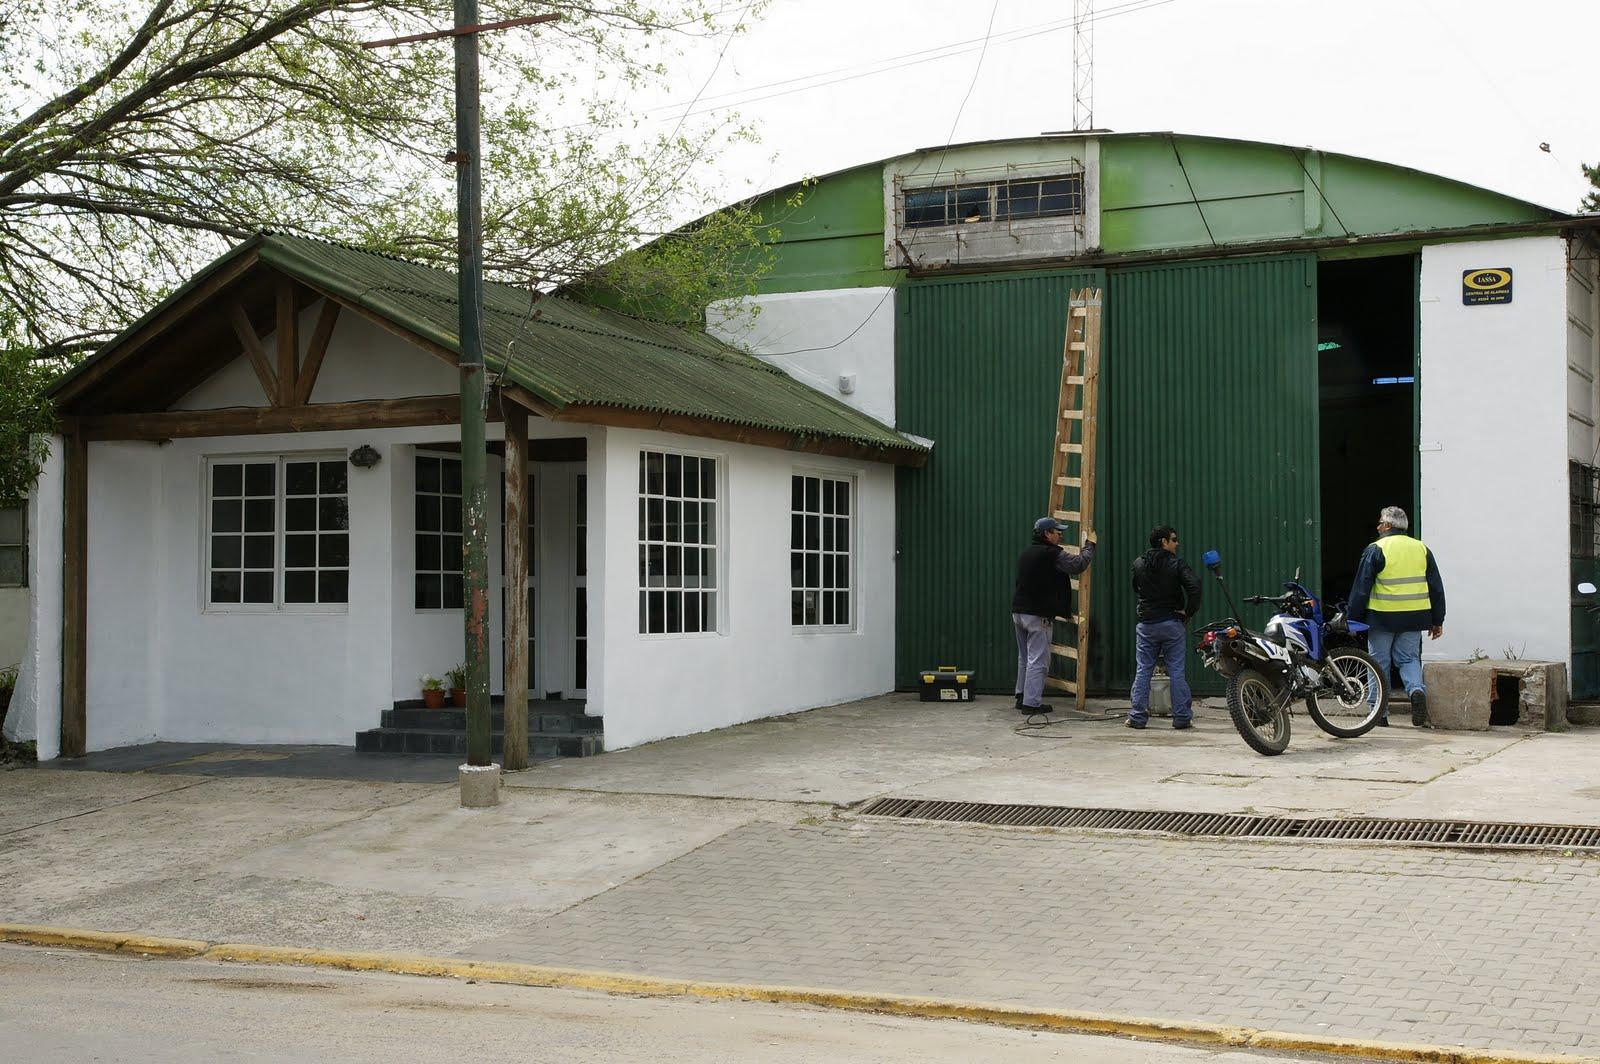 Pinamar noticias 24 hs nueva ubicaci n de la oficina de for Ubicacion de las oficinas